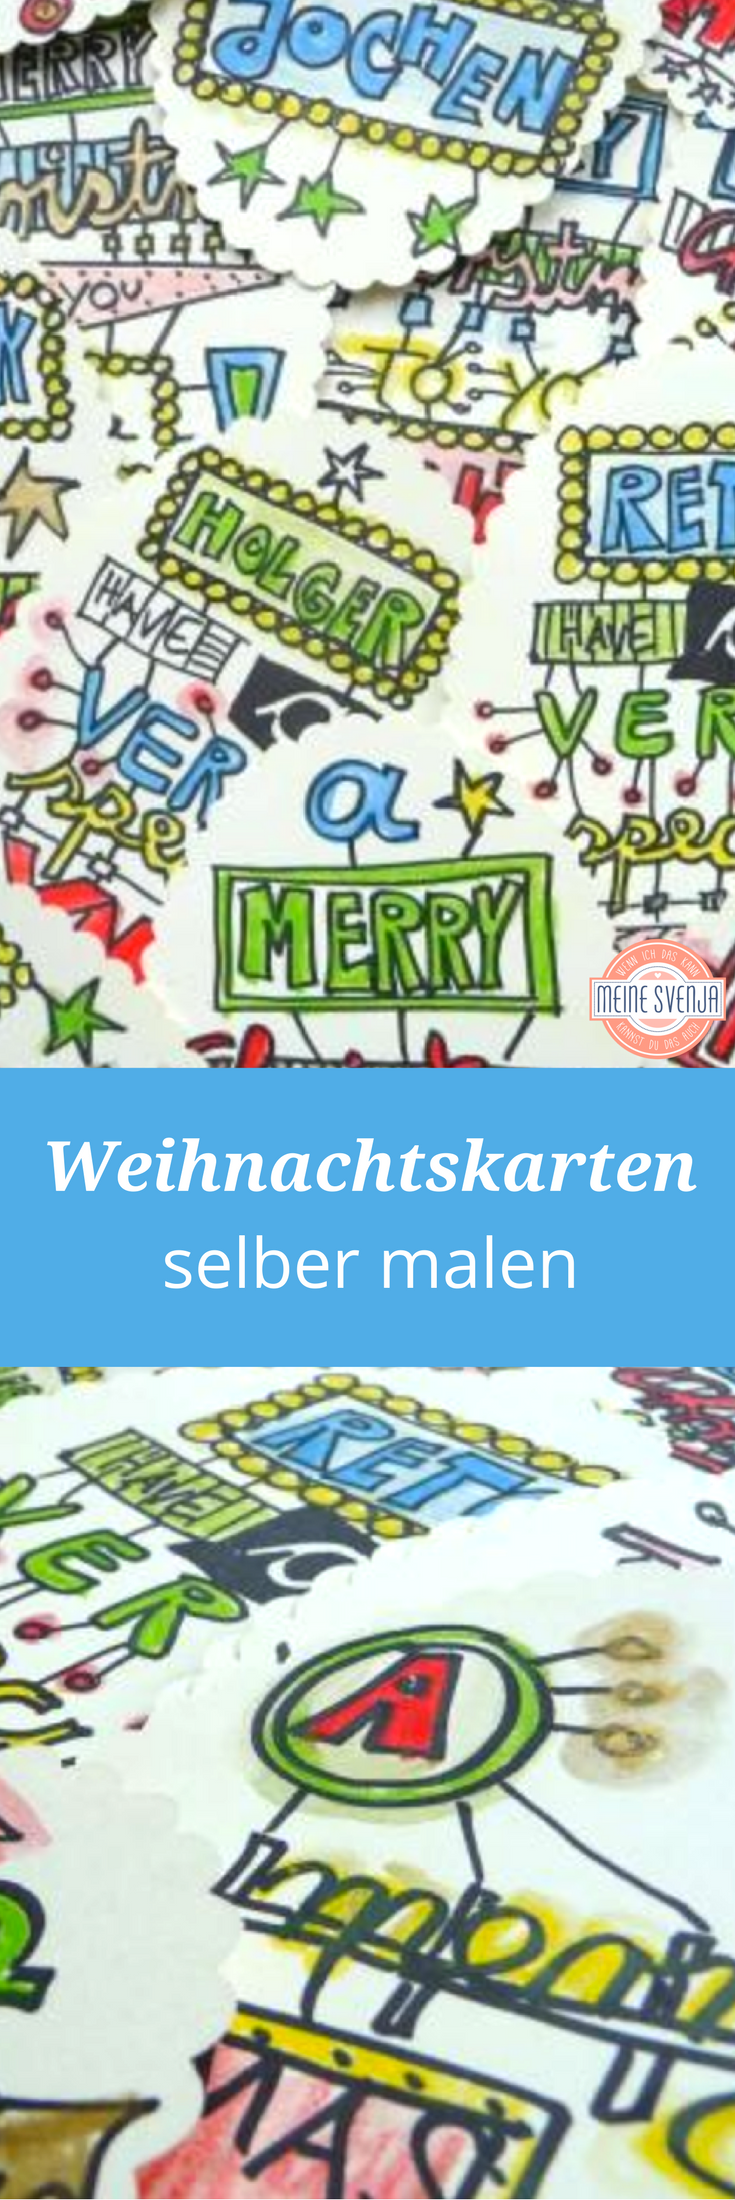 Weihnachtskarten Selber Malen Meine Svenja